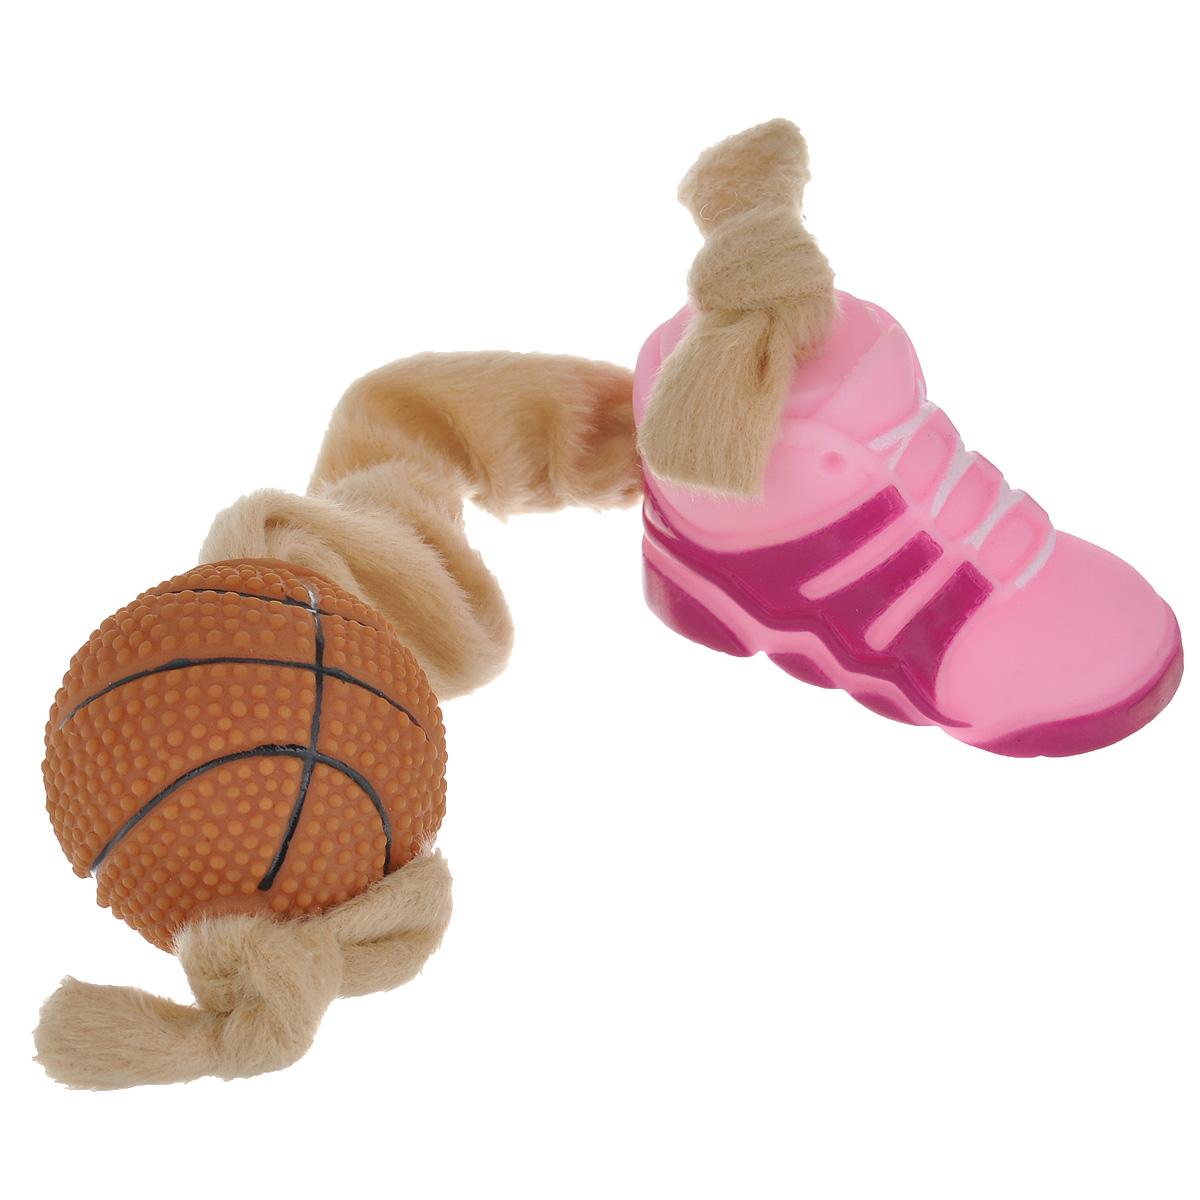 Игрушка для собак I.P.T.S. Ботинок и мяч, цвет: розовый, бежевый16269Игрушка I.P.T.S. Ботинок и мяч, изготовленная из текстиля и резины, выполнена в виде мяча с одной стороны и ботинка с другой. Эластичная веревка позволяет собаке активно играть. Такая игрушка не навредит здоровью вашего питомца и увлечет его на долгое время. Общая длина игрушки: 24-32 см. Диаметр мяча: 5 см. Размер ботинка: 7,5 см х 4 см х 5,5 см.